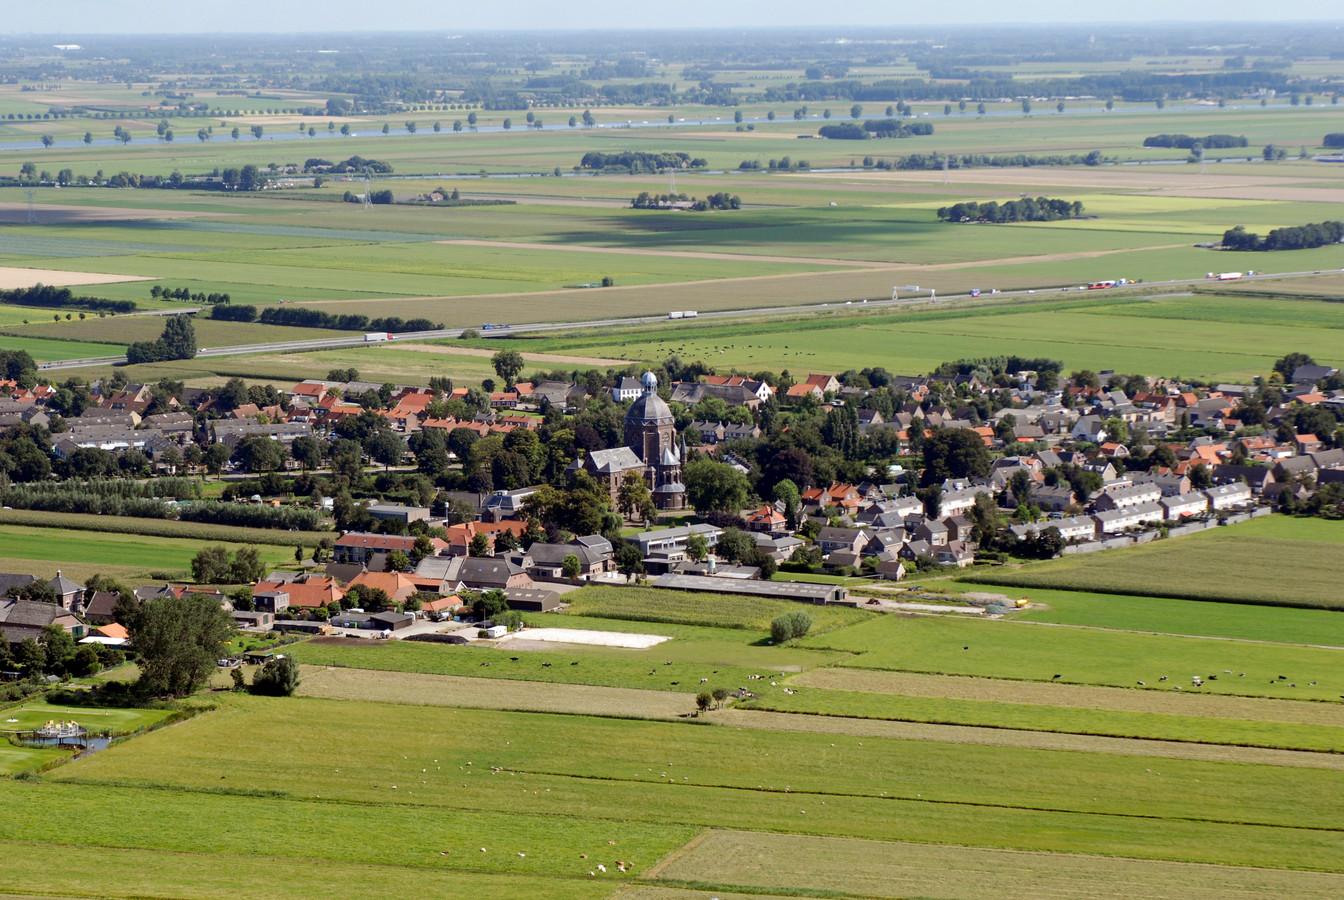 Raamsdonk, een jaar of 10 geleden, maar het is nog steeds een knus, klein dorp.